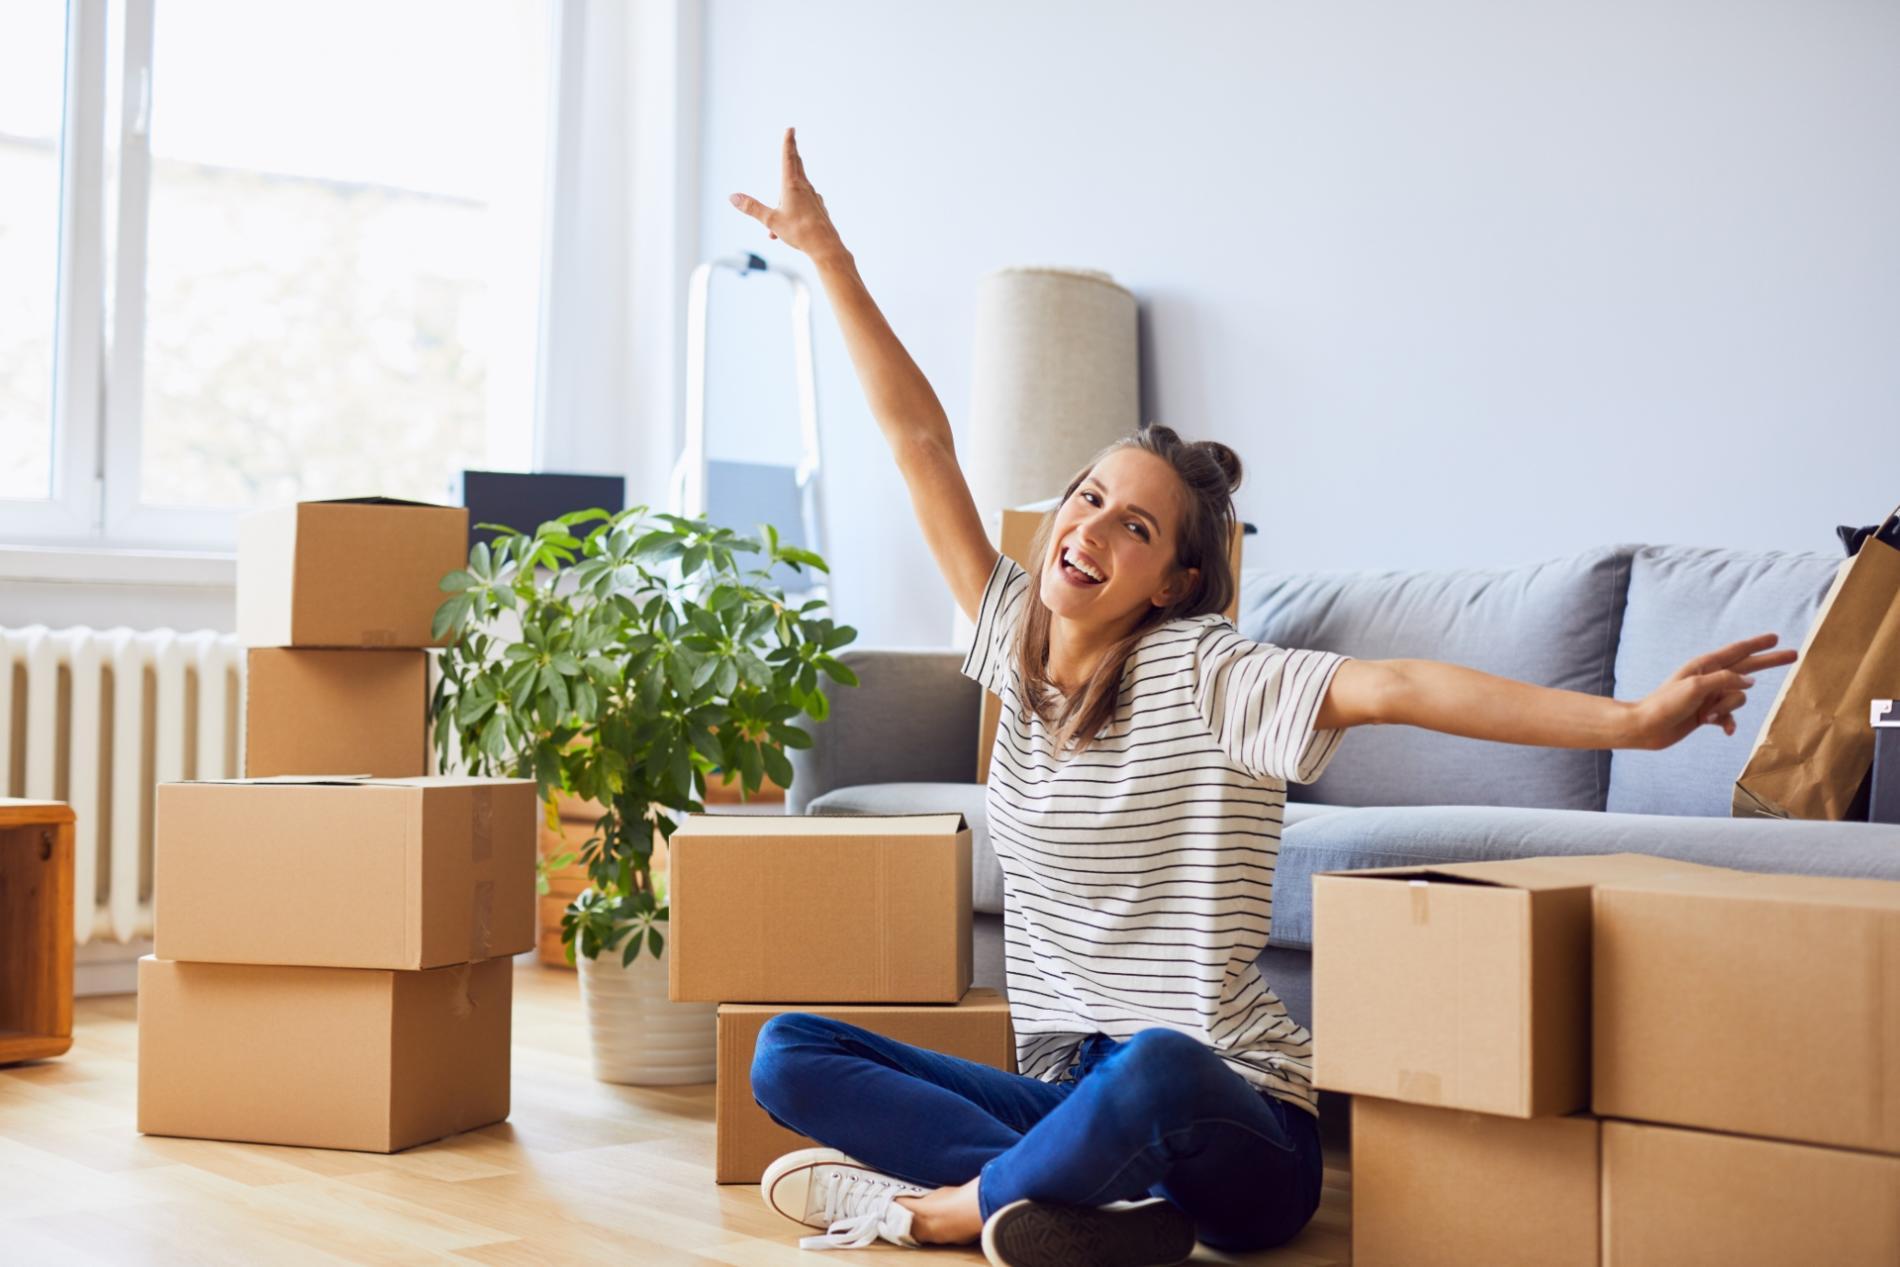 la nueva forma de elegir hogar según tu personalidad - Blog - Grupo Domus